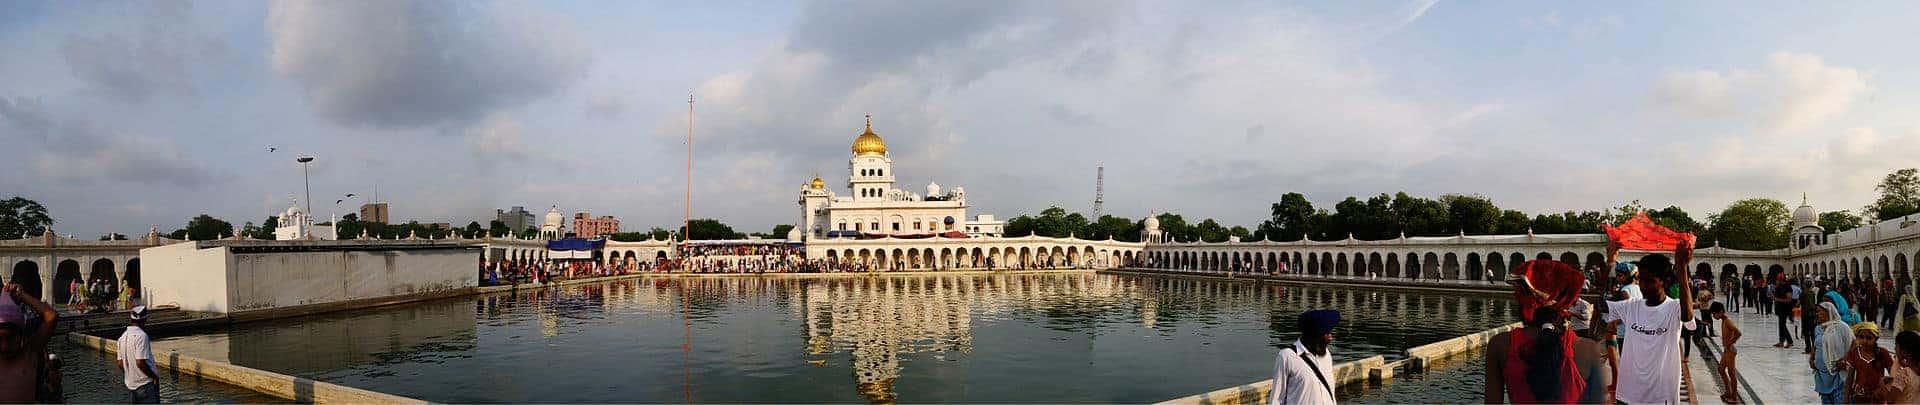 बंगला साहिब, नई दिल्ली 1